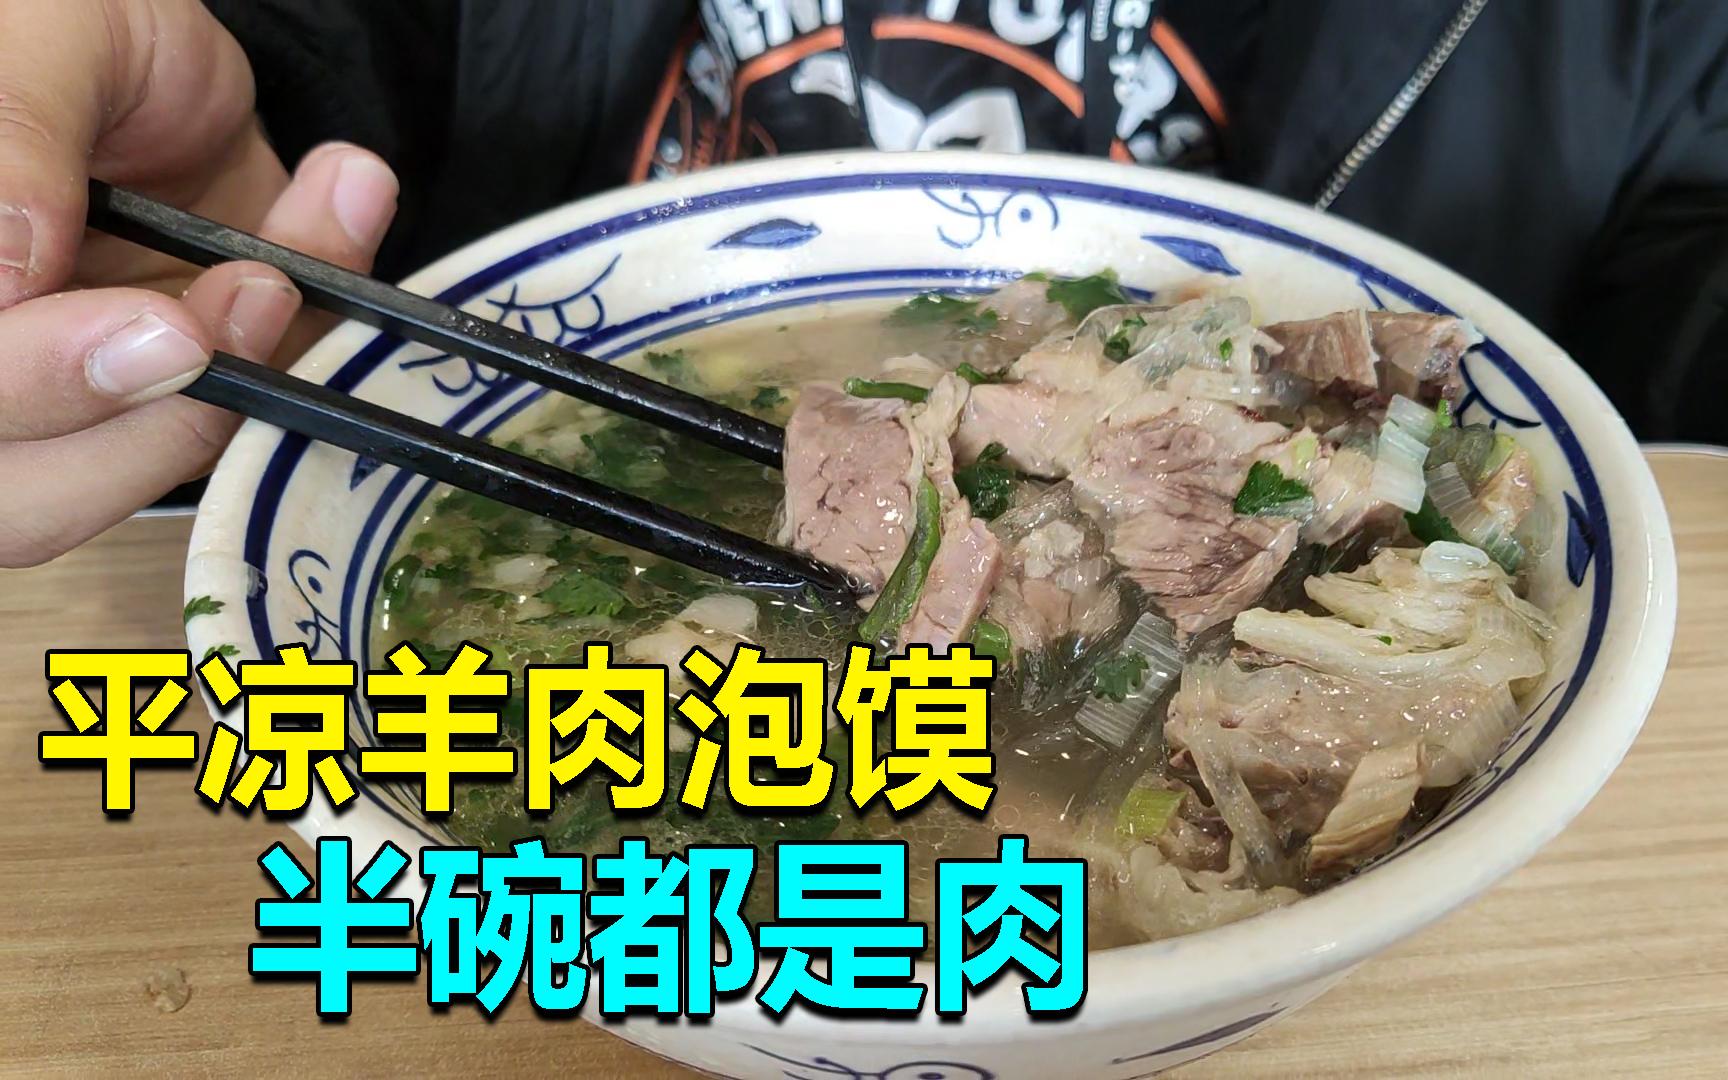 甘肃平凉羊肉泡馍,和西安的完全不同,30块一碗肉太多了!